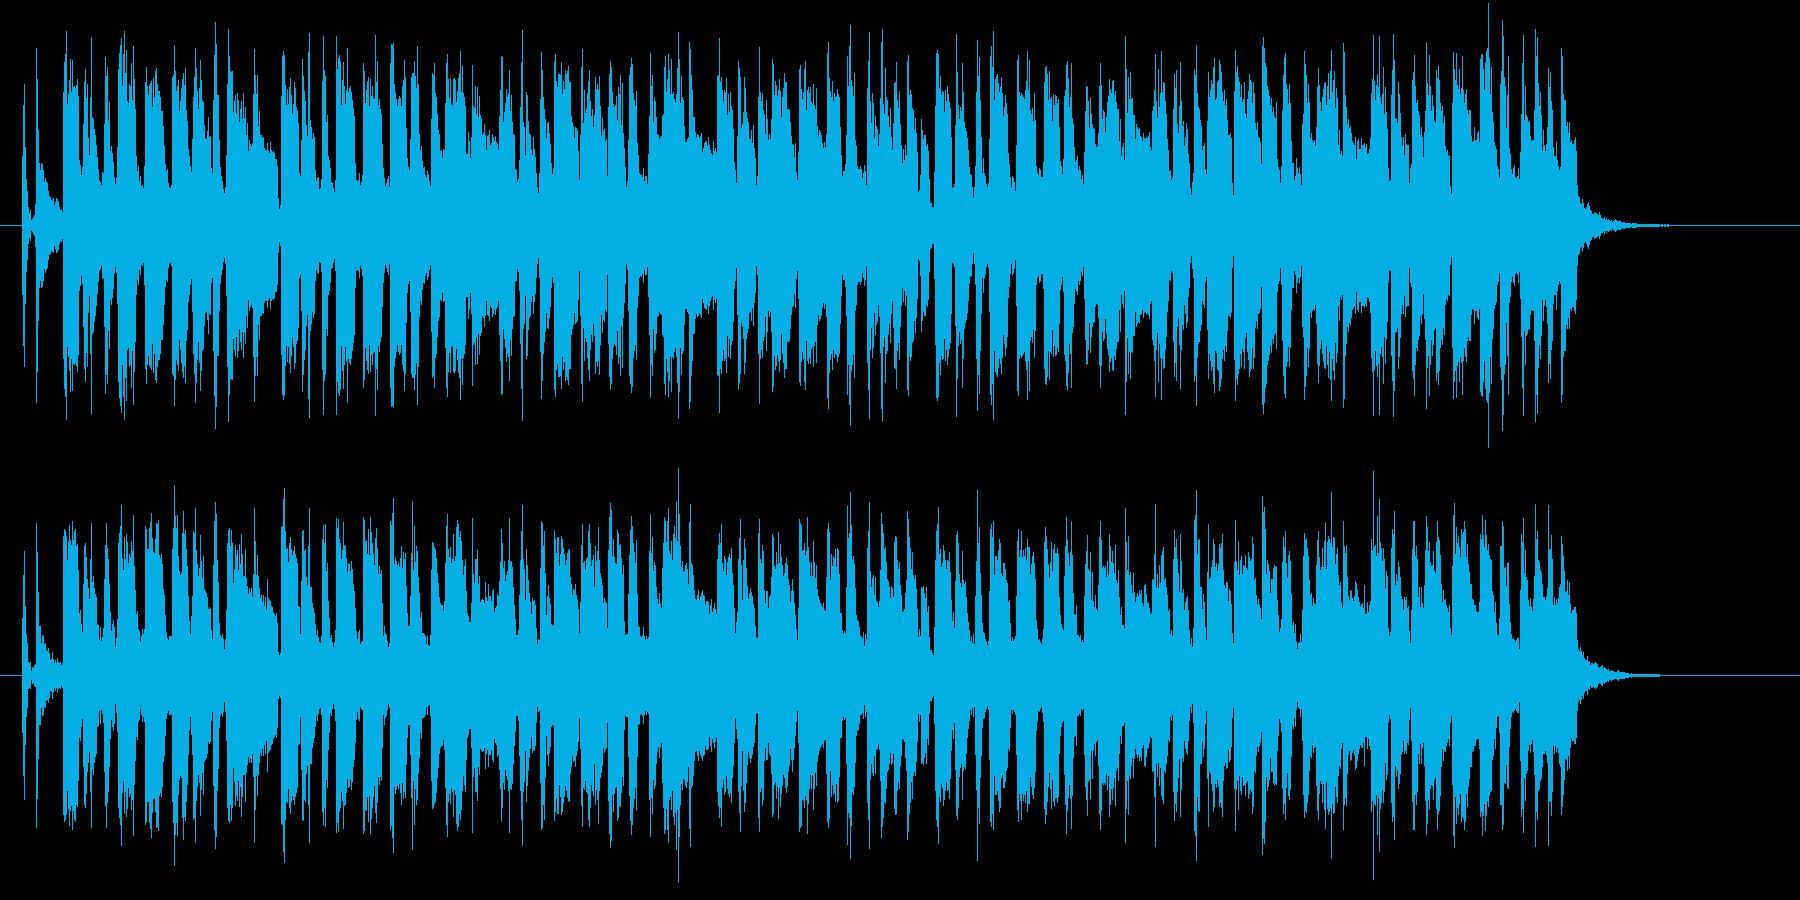 軽快で明るいポップスバンドのジングルの再生済みの波形